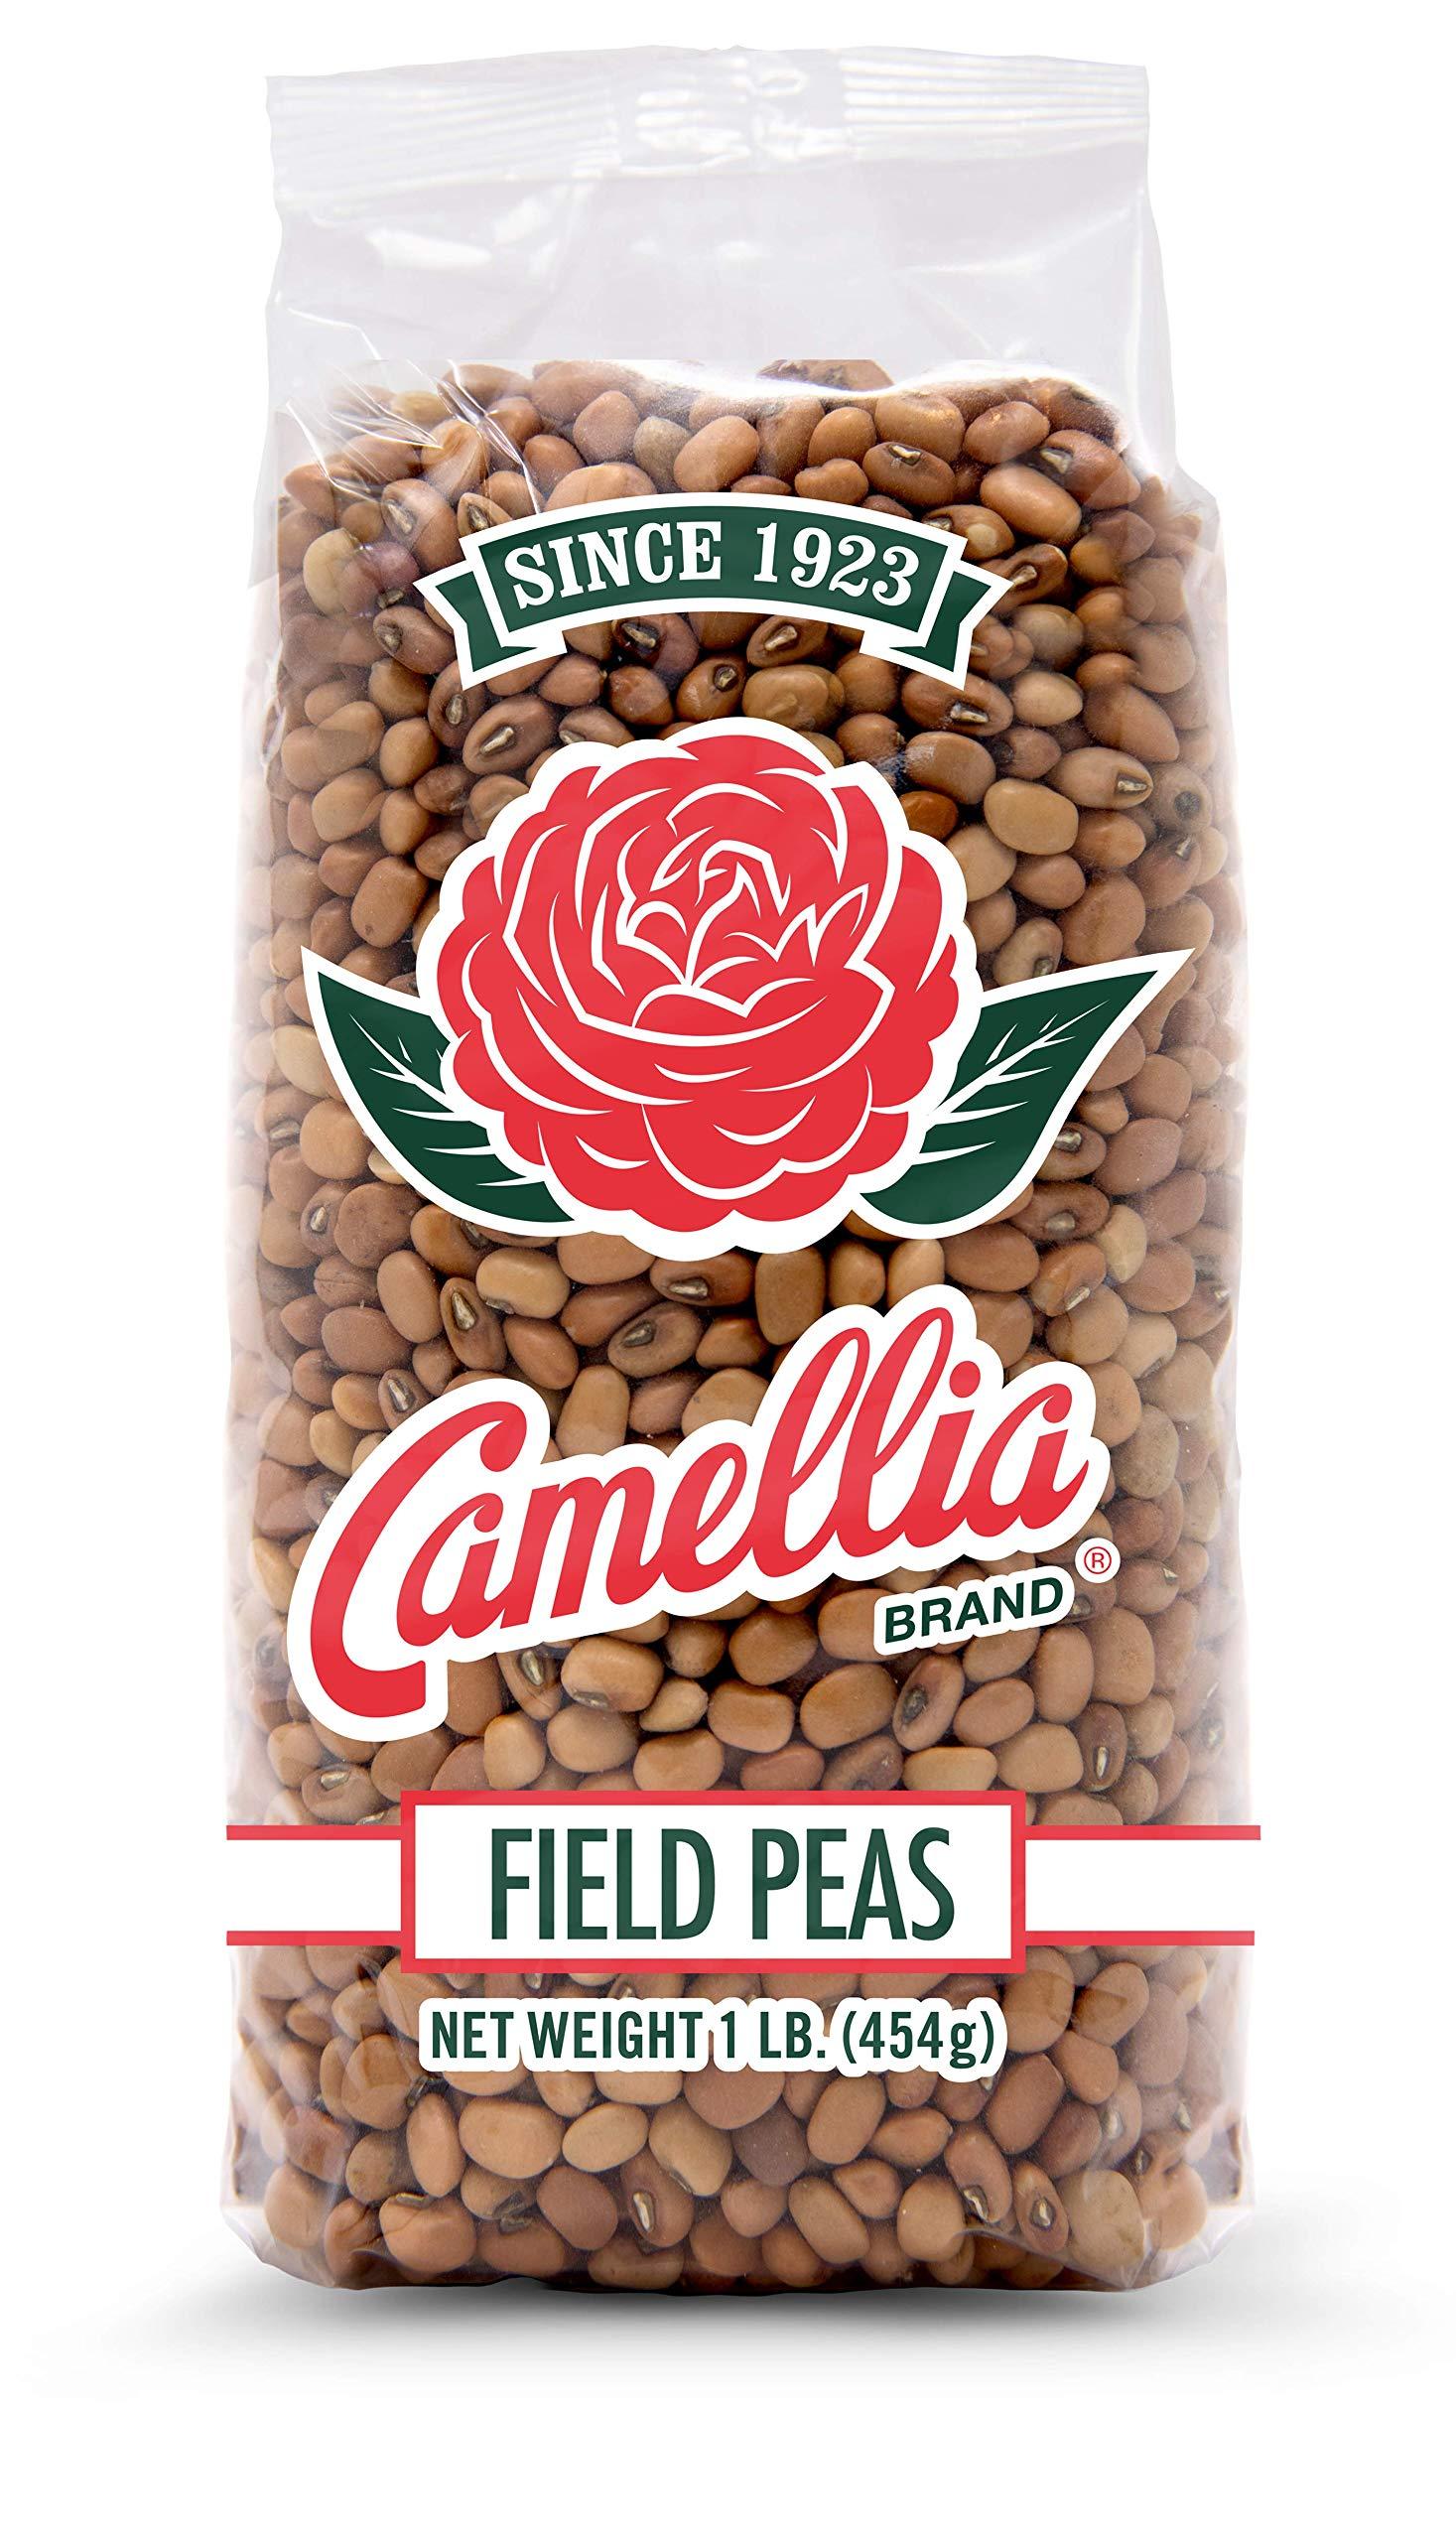 CAMELLIAS Field Peas, 16 OZ